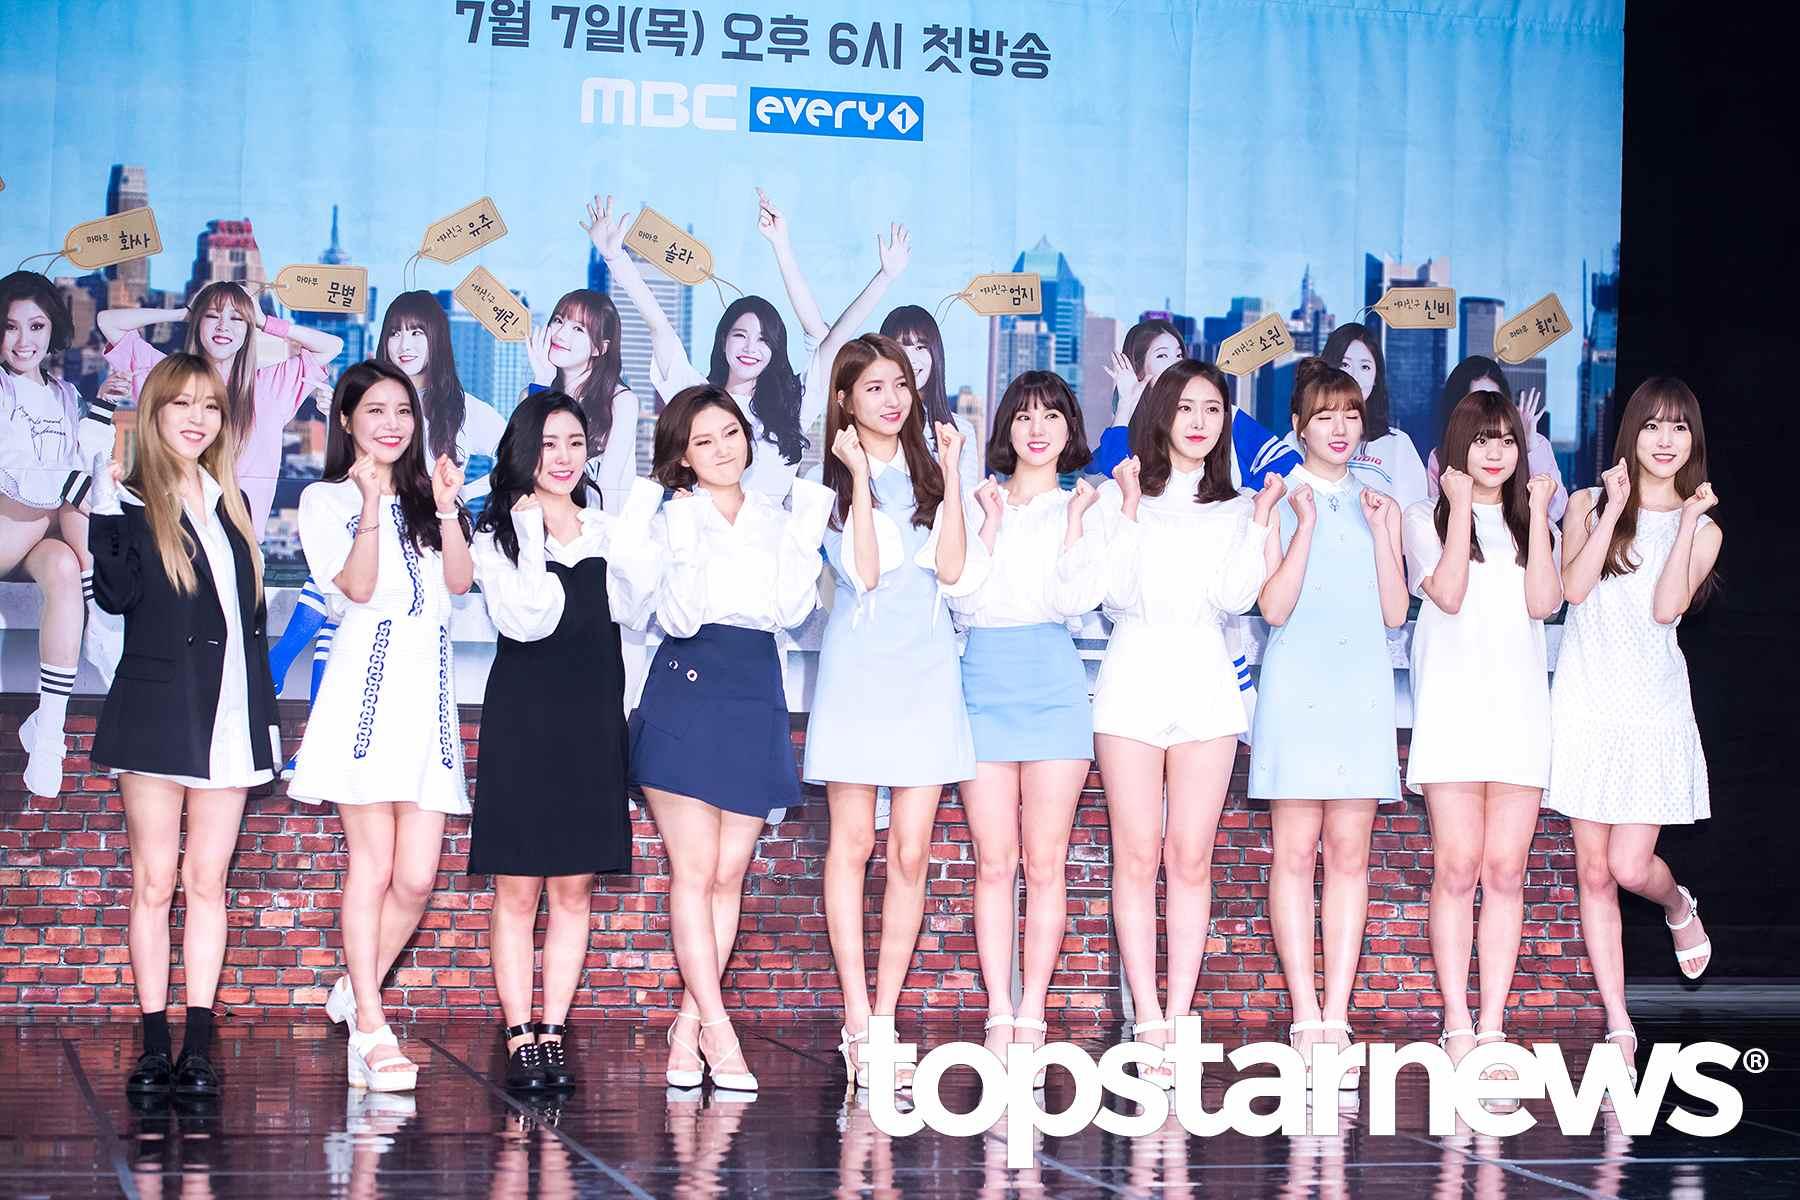 看舞台時只能比較出成員間的身高差~其實女團和女團之間的身高差也是看點啊~! (像是這張照片XD) 最近就有統計出女團的平均身高~還做了排名 來看看TOP30吧~!!!